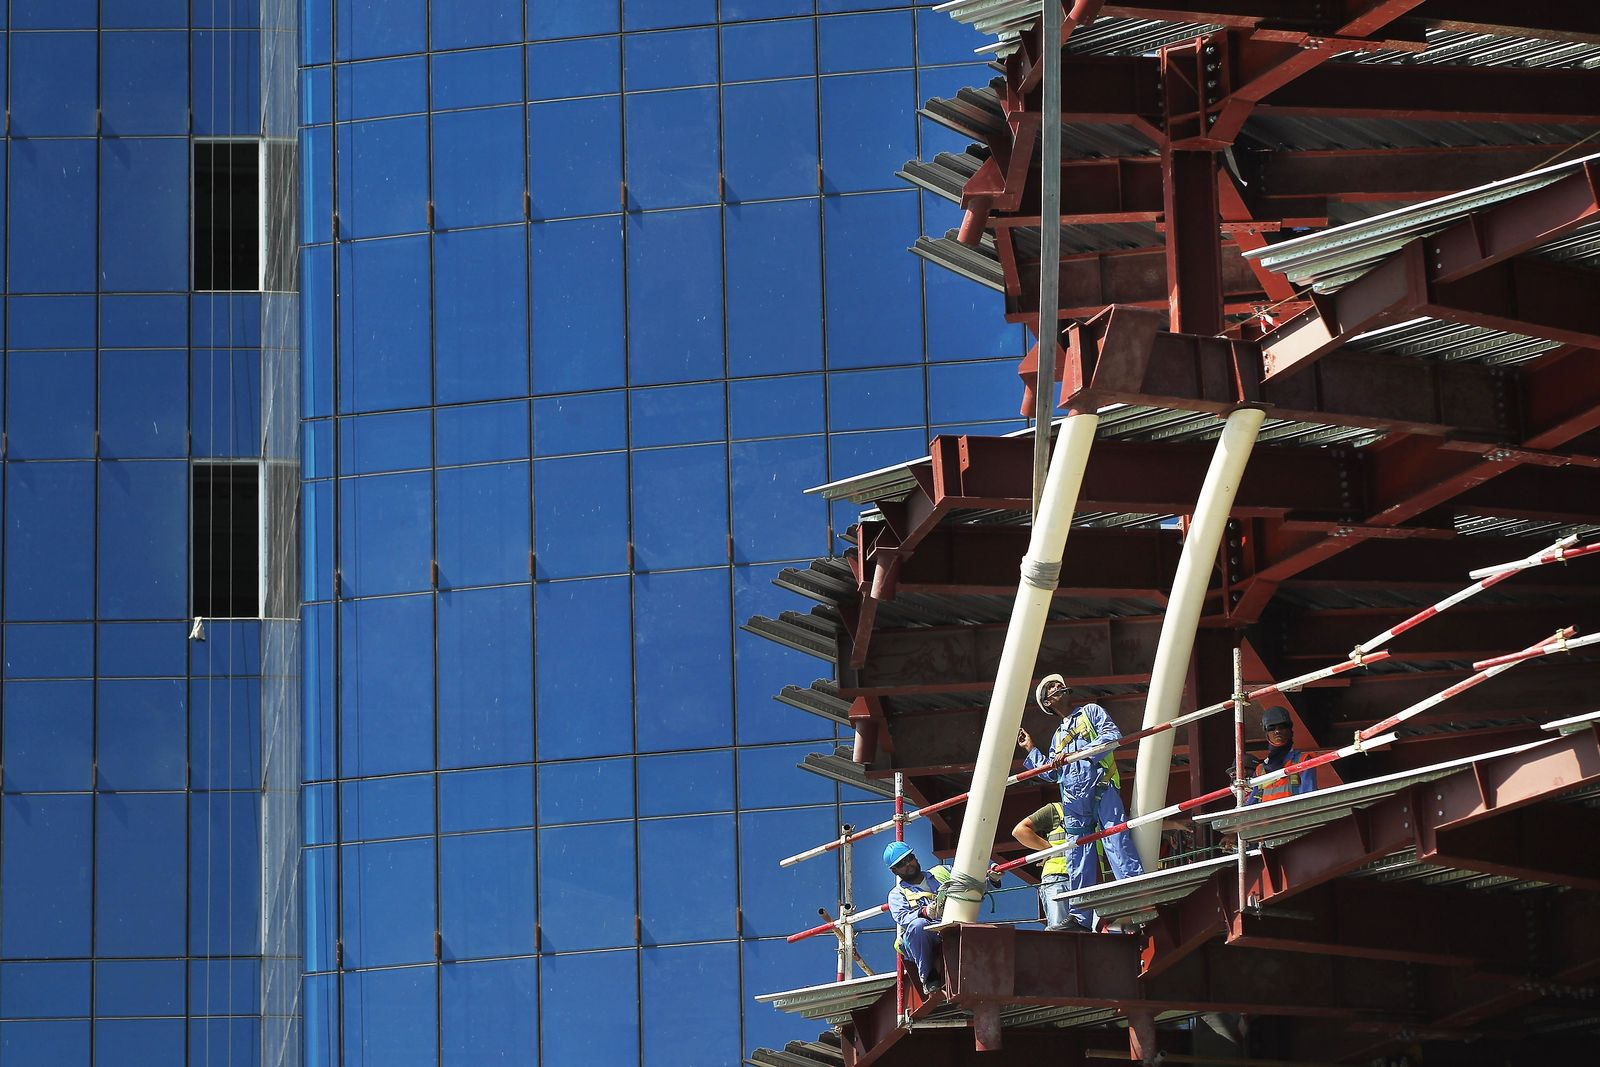 Katar WM-Arbeiter 2022